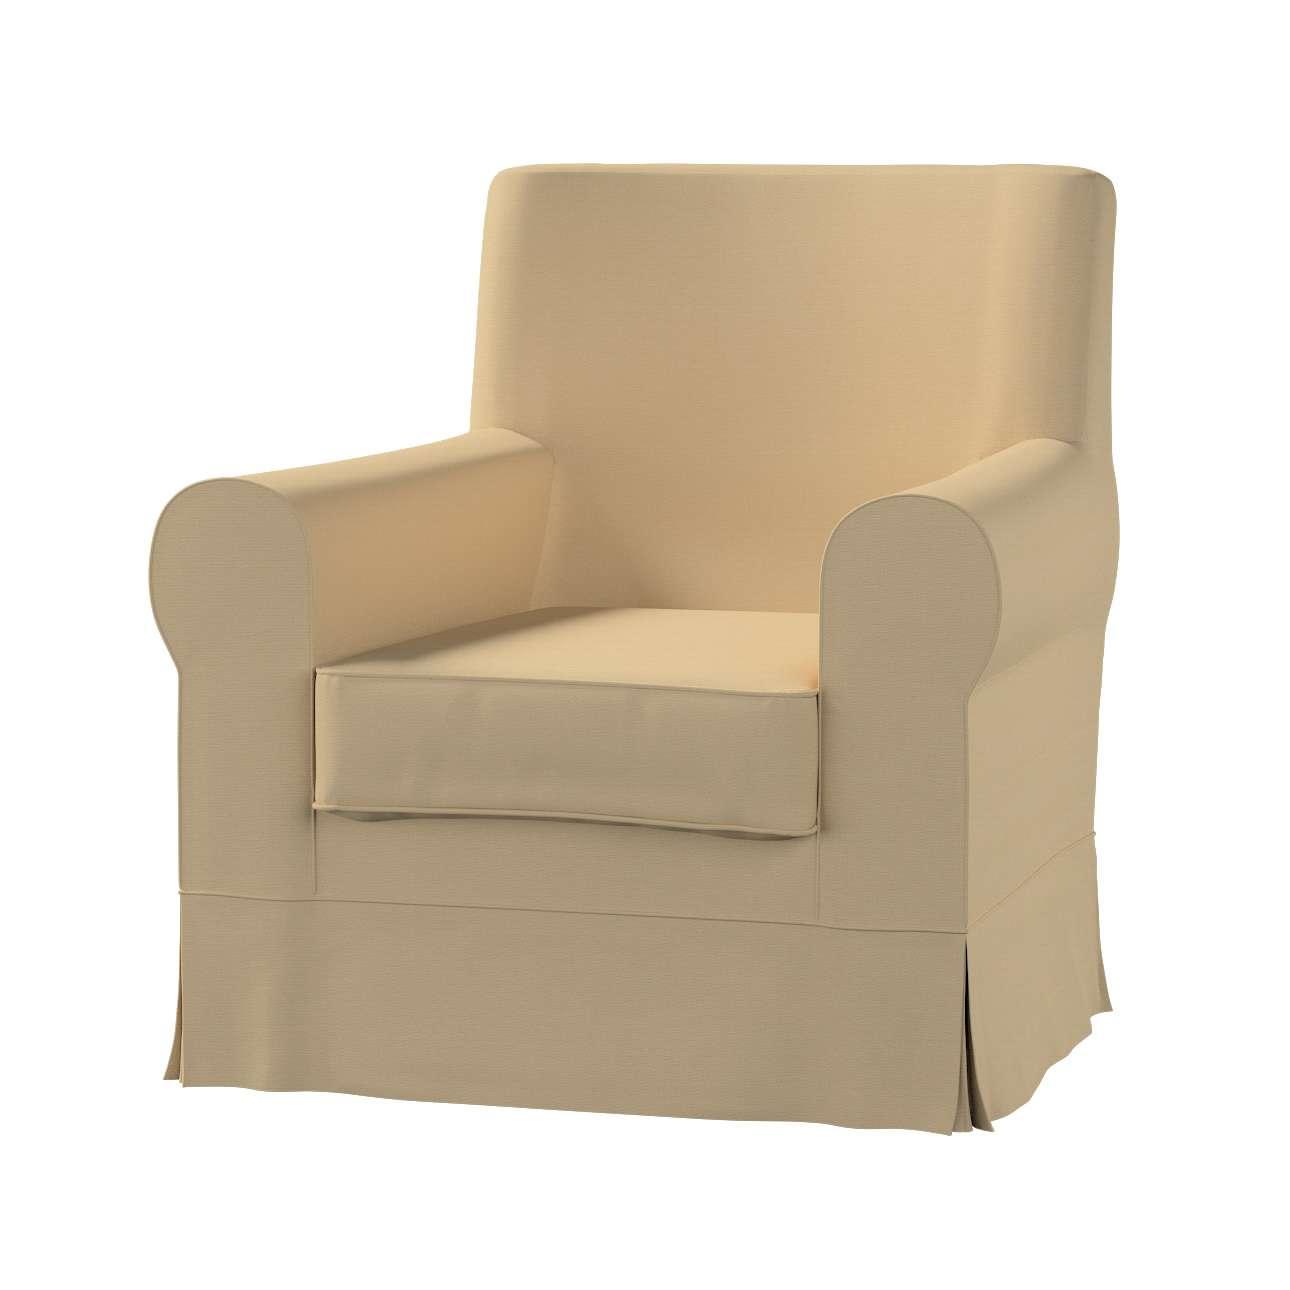 Ektorp Jennylund Sesselbezug Sesselhusse, Ektorp Jennylund von der Kollektion Cotton Panama, Stoff: 702-01